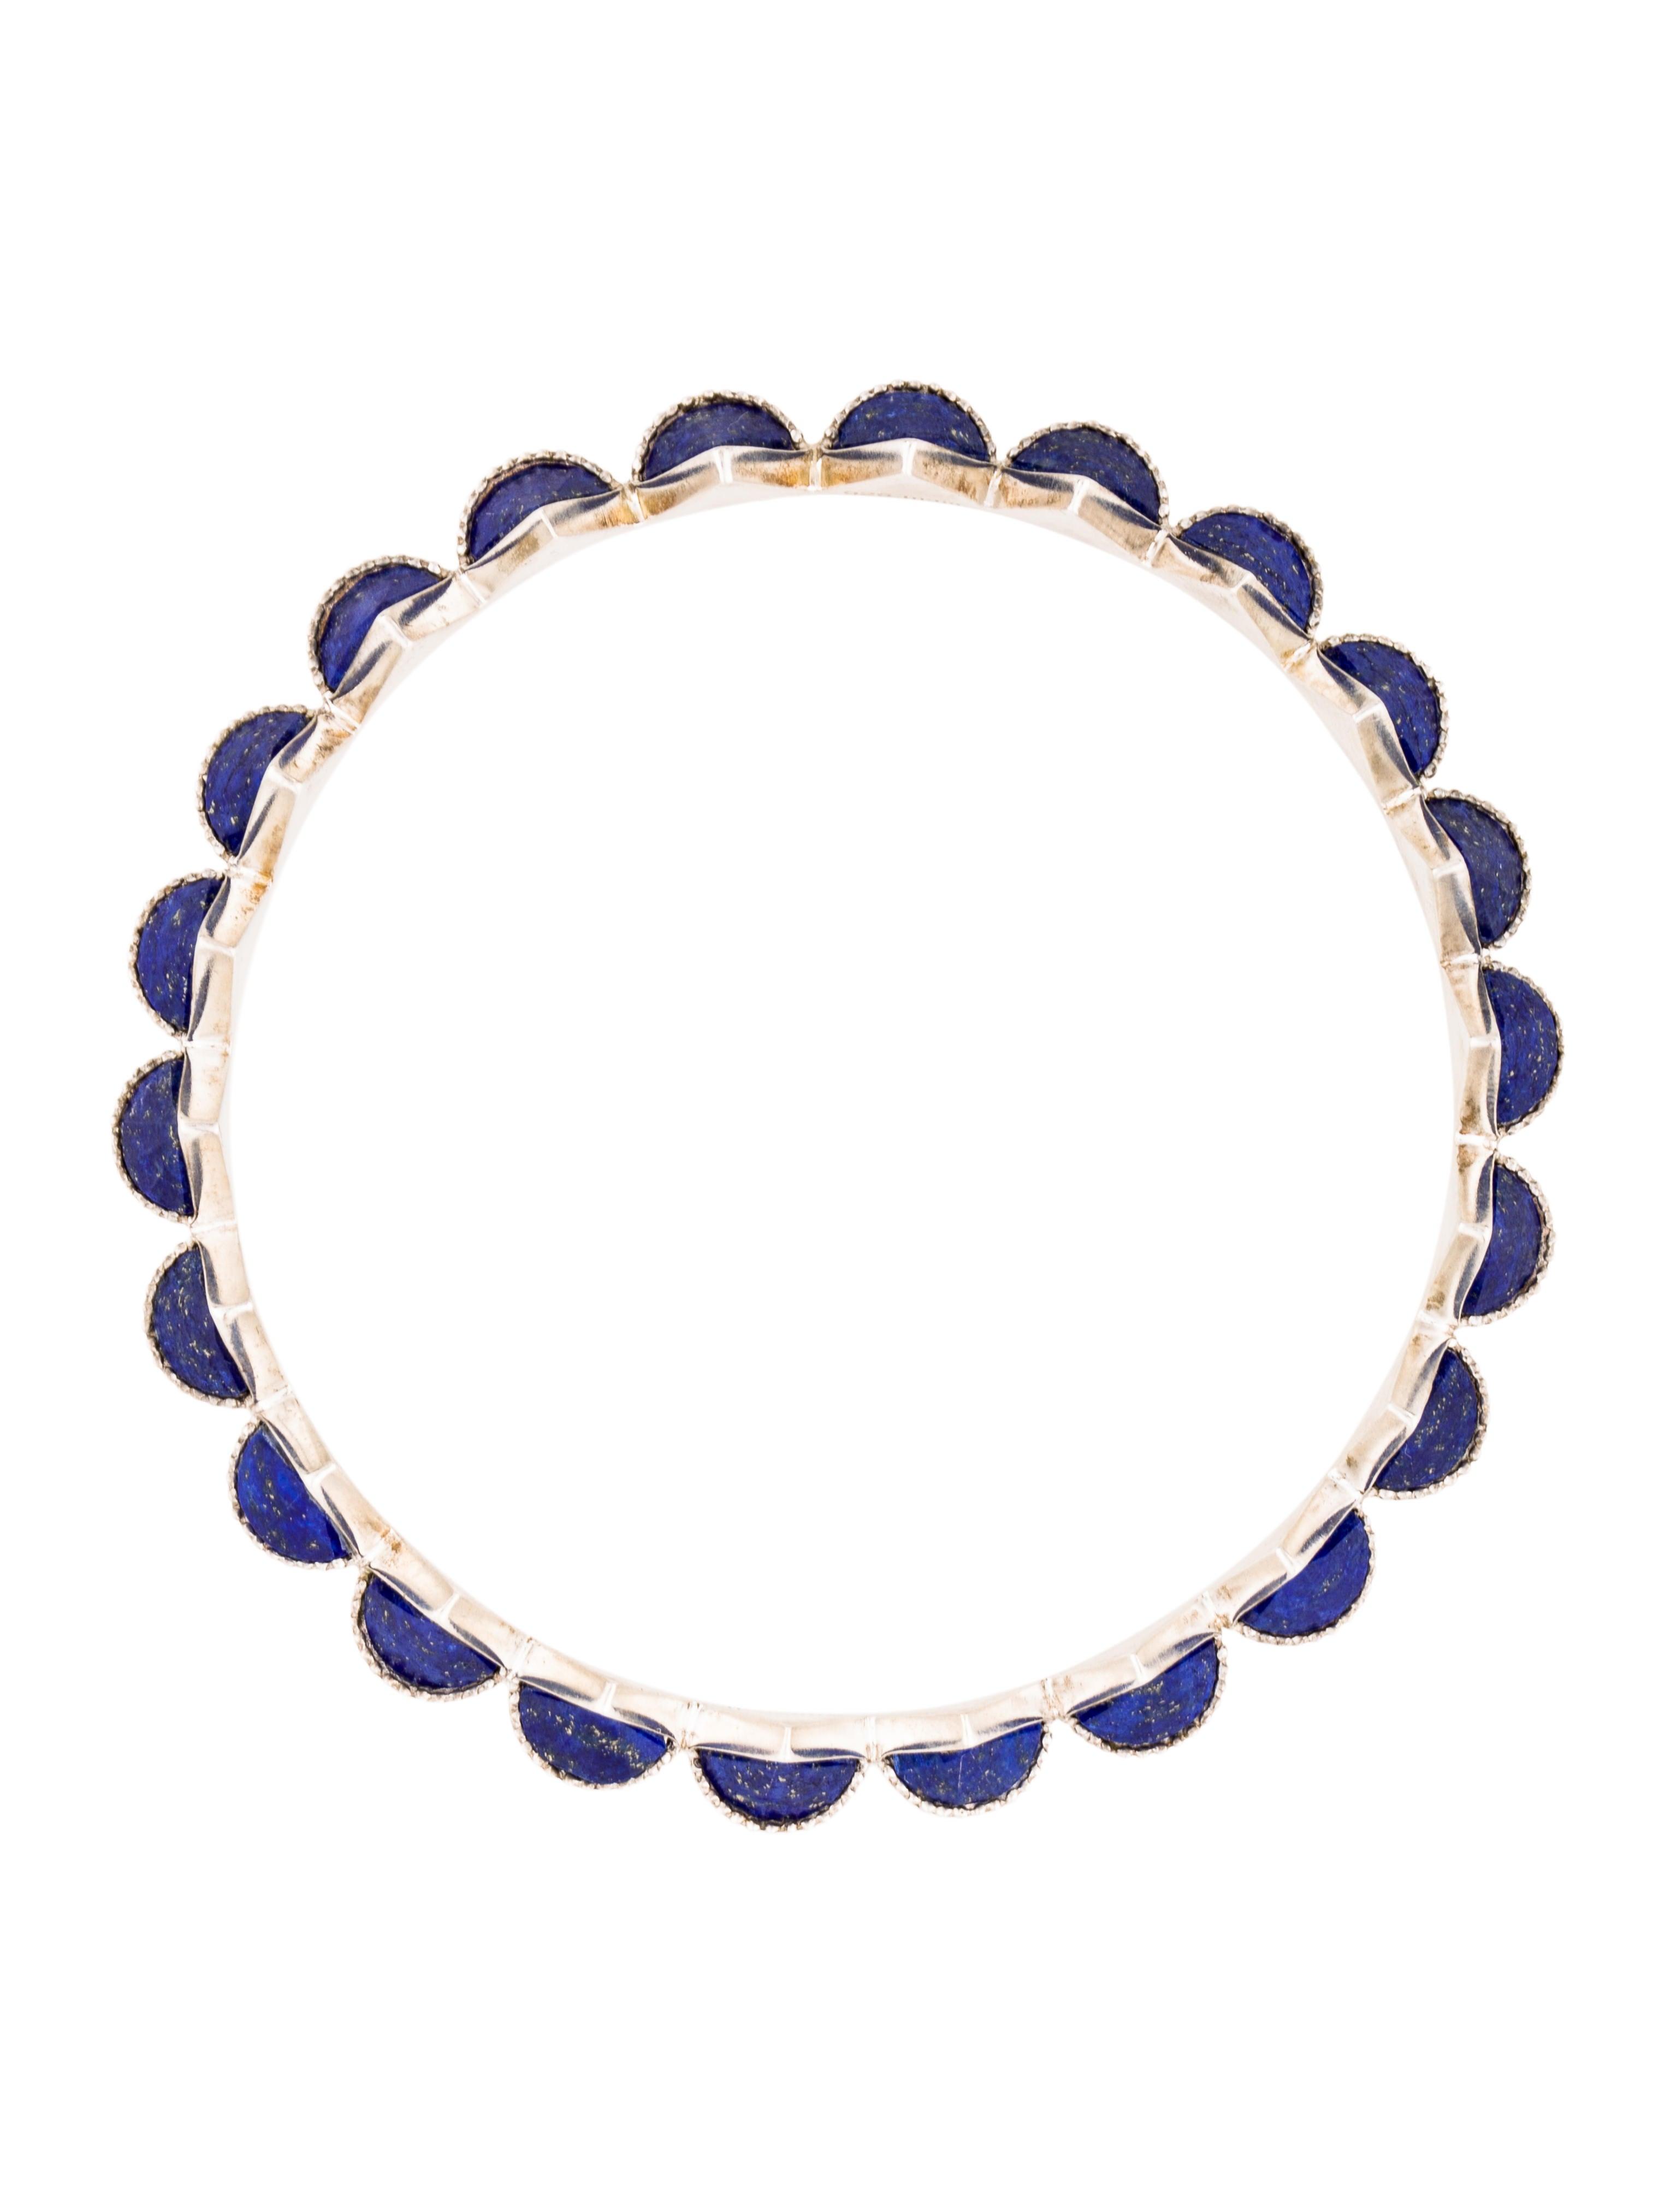 amrapali lapis lazuli spike all around bangle bracelet bracelets amr20078 the realreal. Black Bedroom Furniture Sets. Home Design Ideas